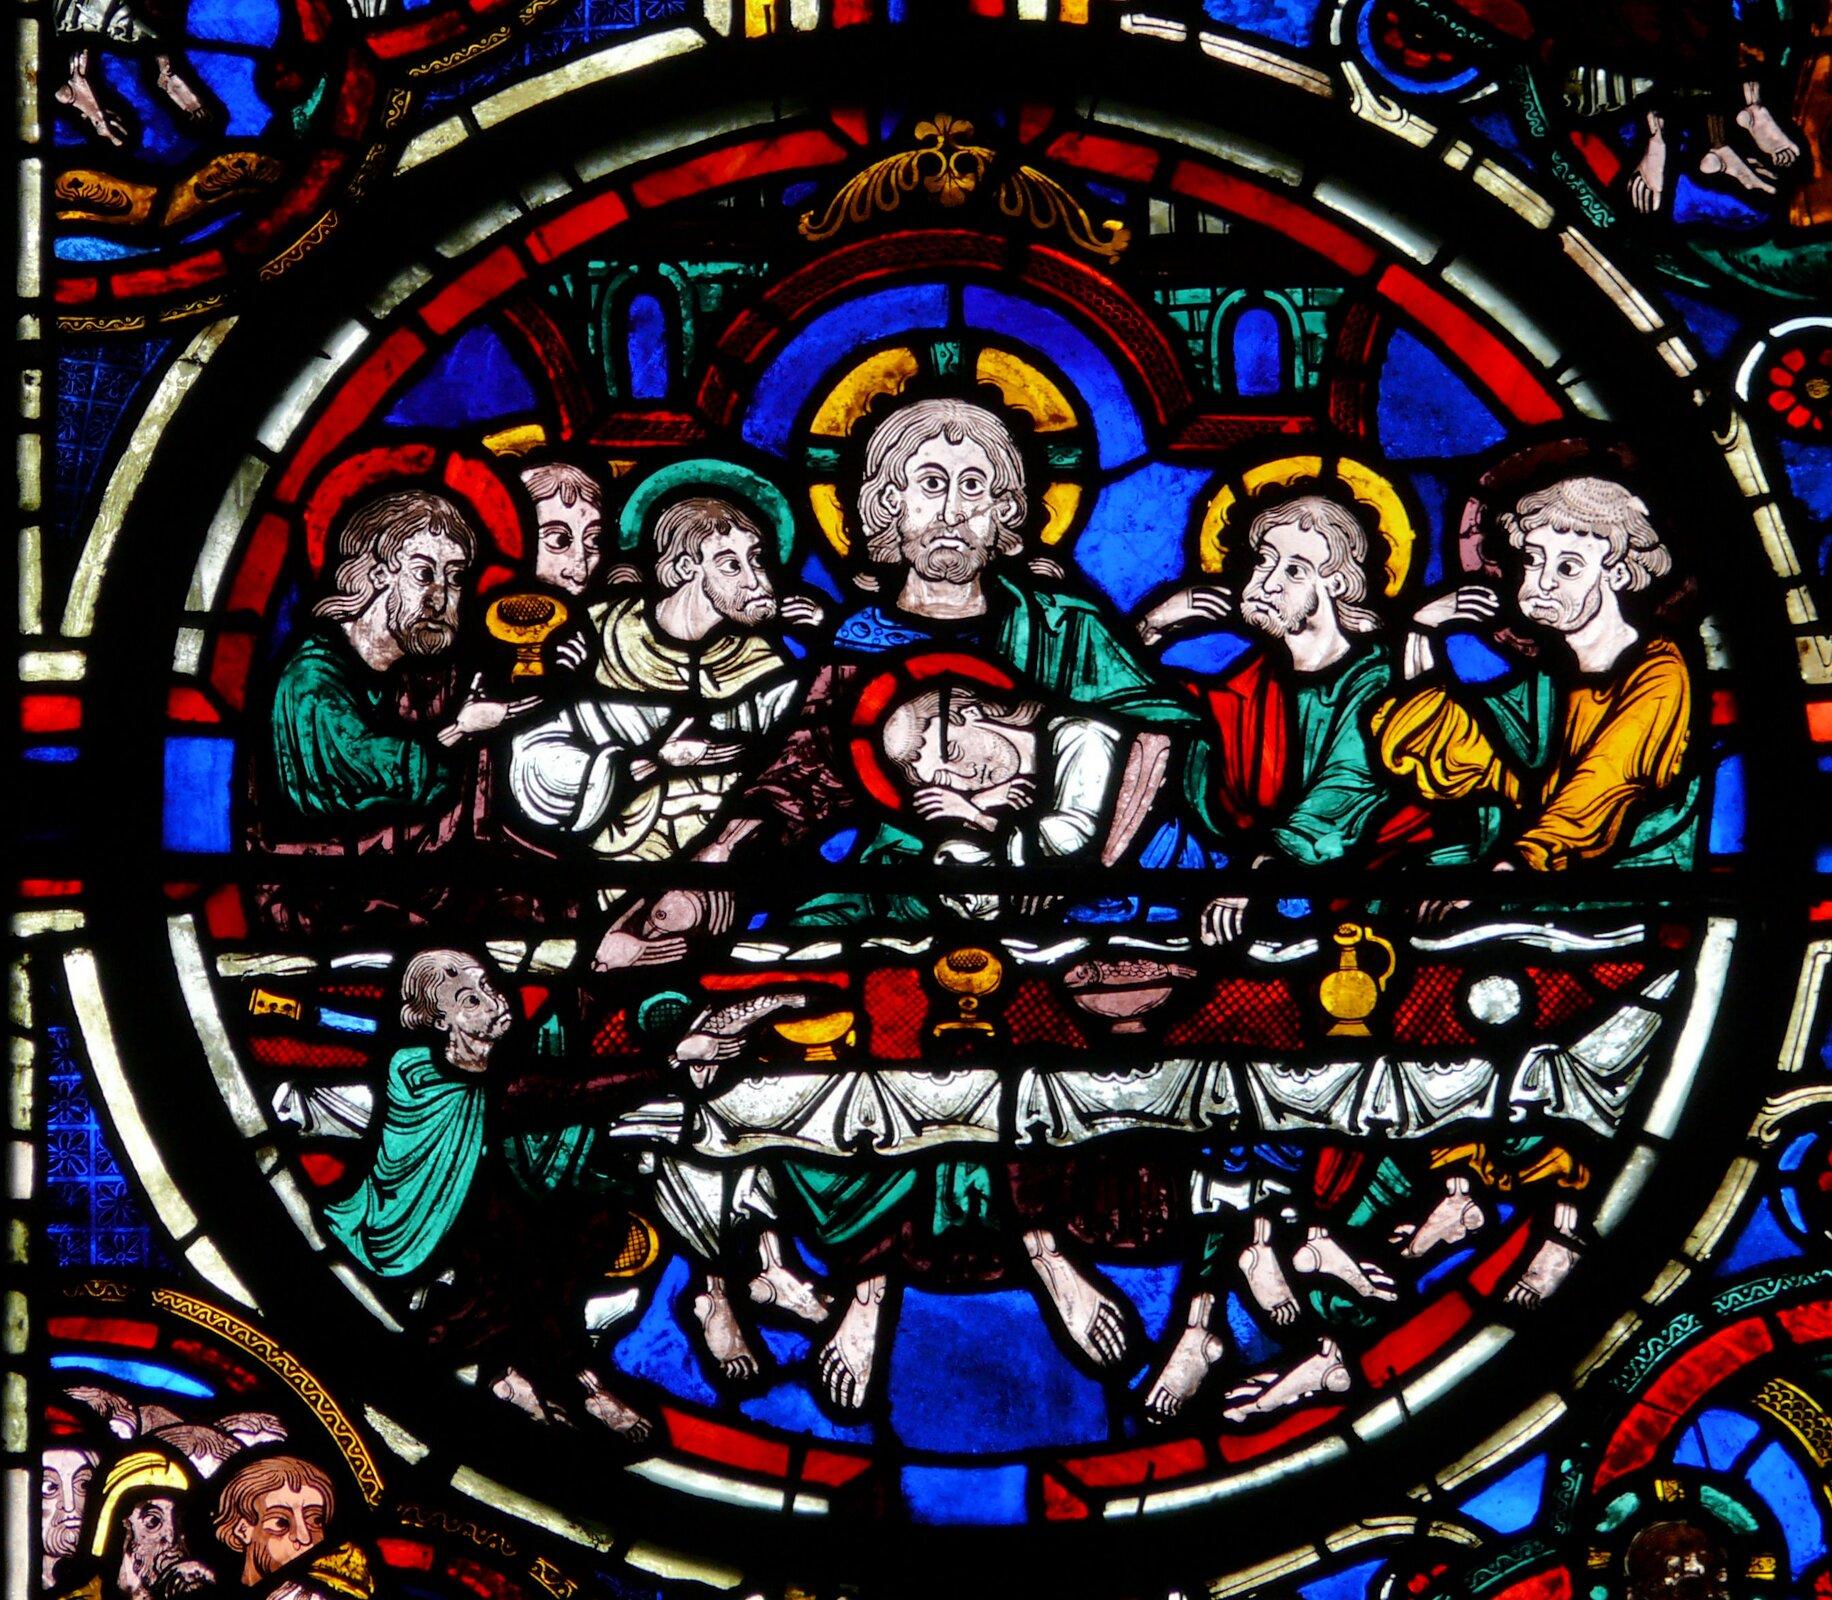 Witraż wkatedrze Saint-Étienne wBurges, początek XIII wieku Witraż wkatedrze Saint-Étienne wBurges, początek XIII wieku Źródło: MOSSOT, licencja: CC BY 3.0.